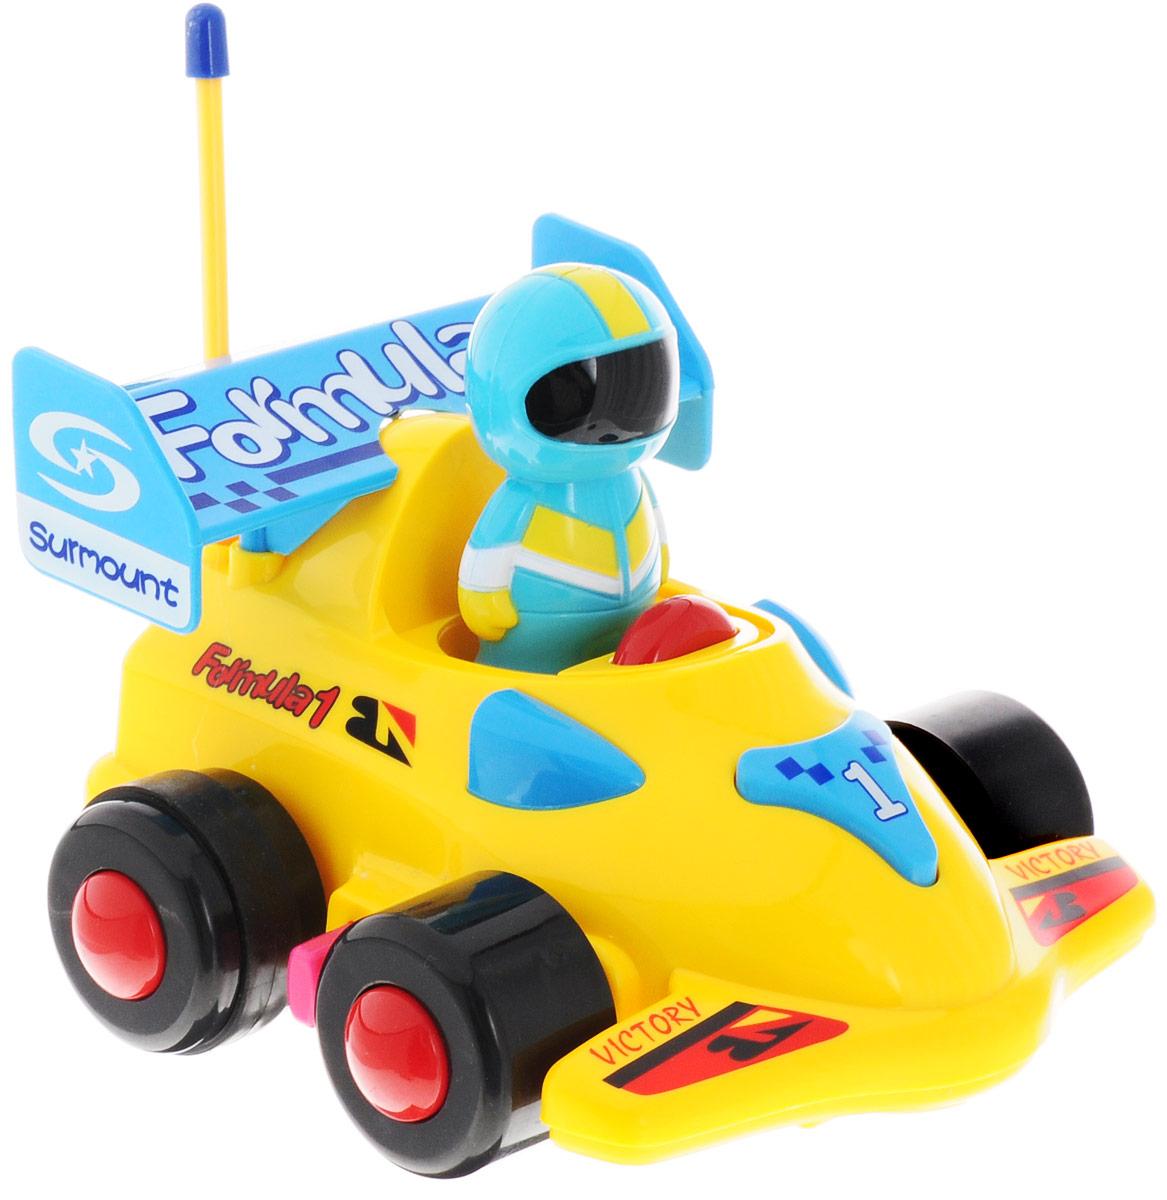 Mioshi Машинка на радиоуправлении Tech цвет желтый голубой радиоуправляемая игрушка mioshi tech rocket bomber red mte1201 029